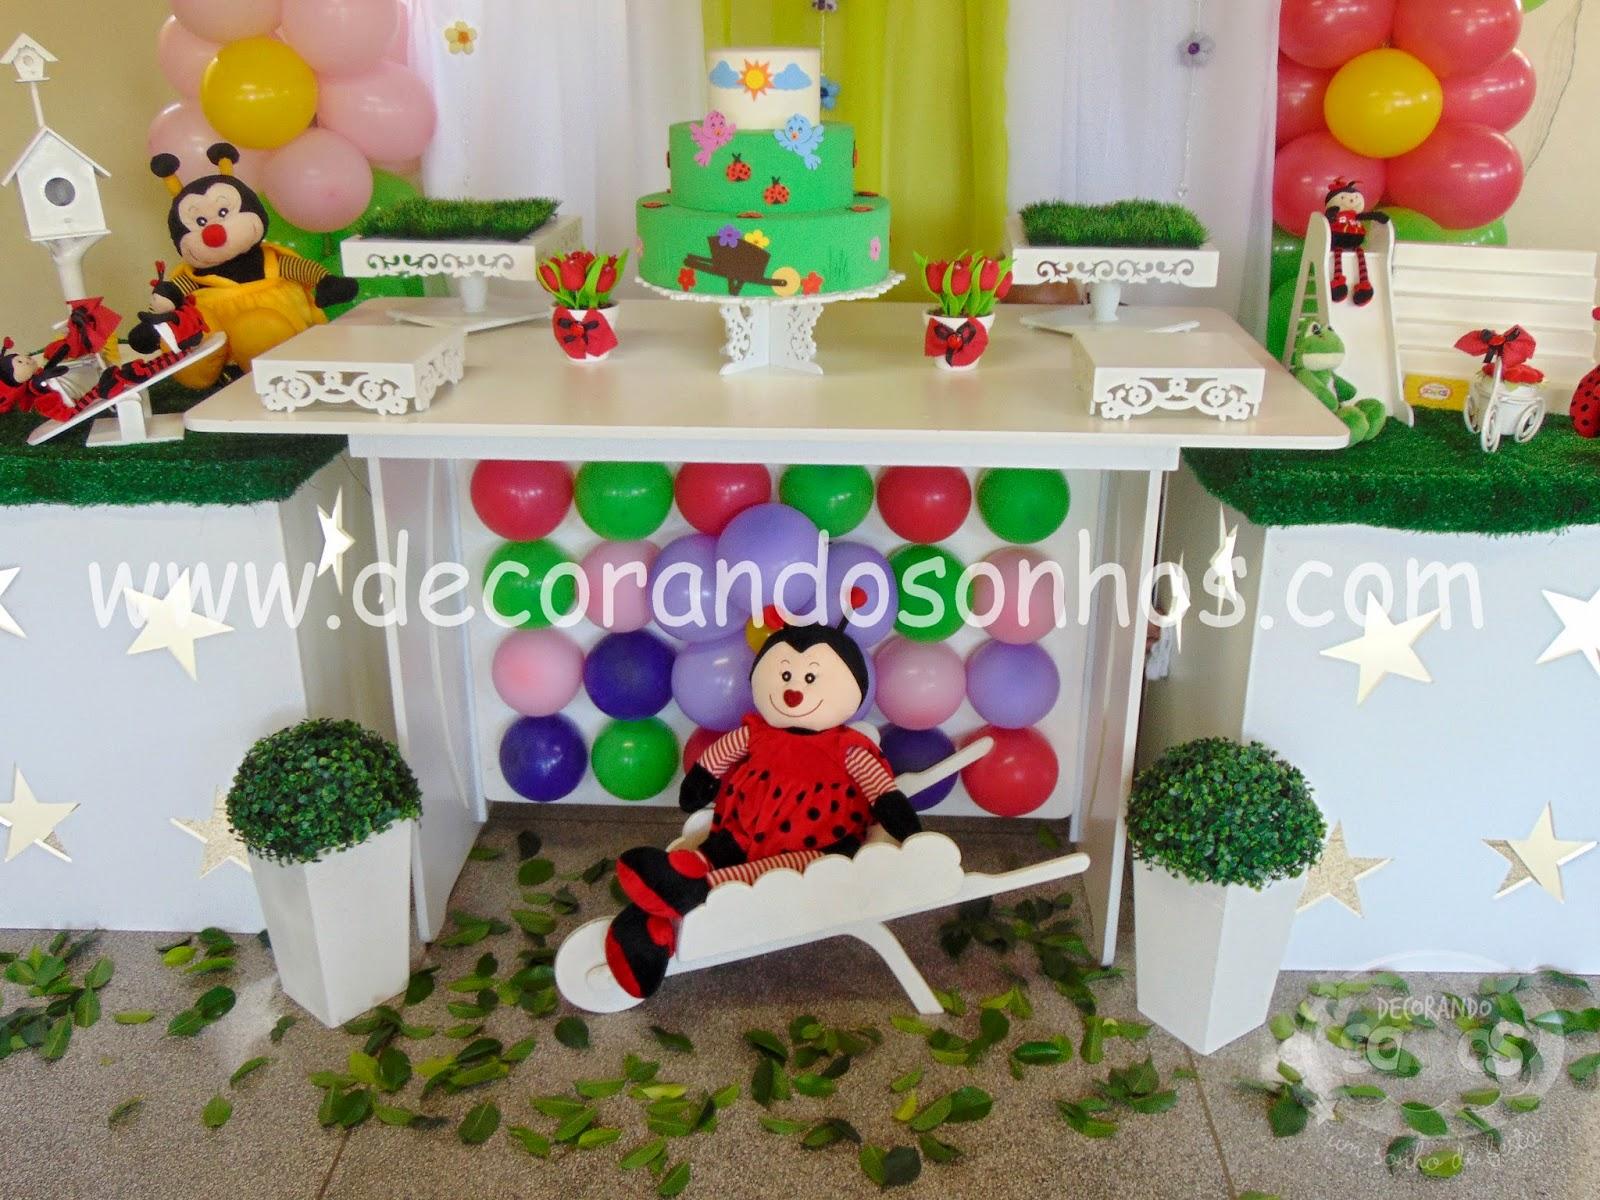 festa tema jardim clean : festa tema jardim clean:Decorando Sonhos: Decoração Clean Jardim Encantado